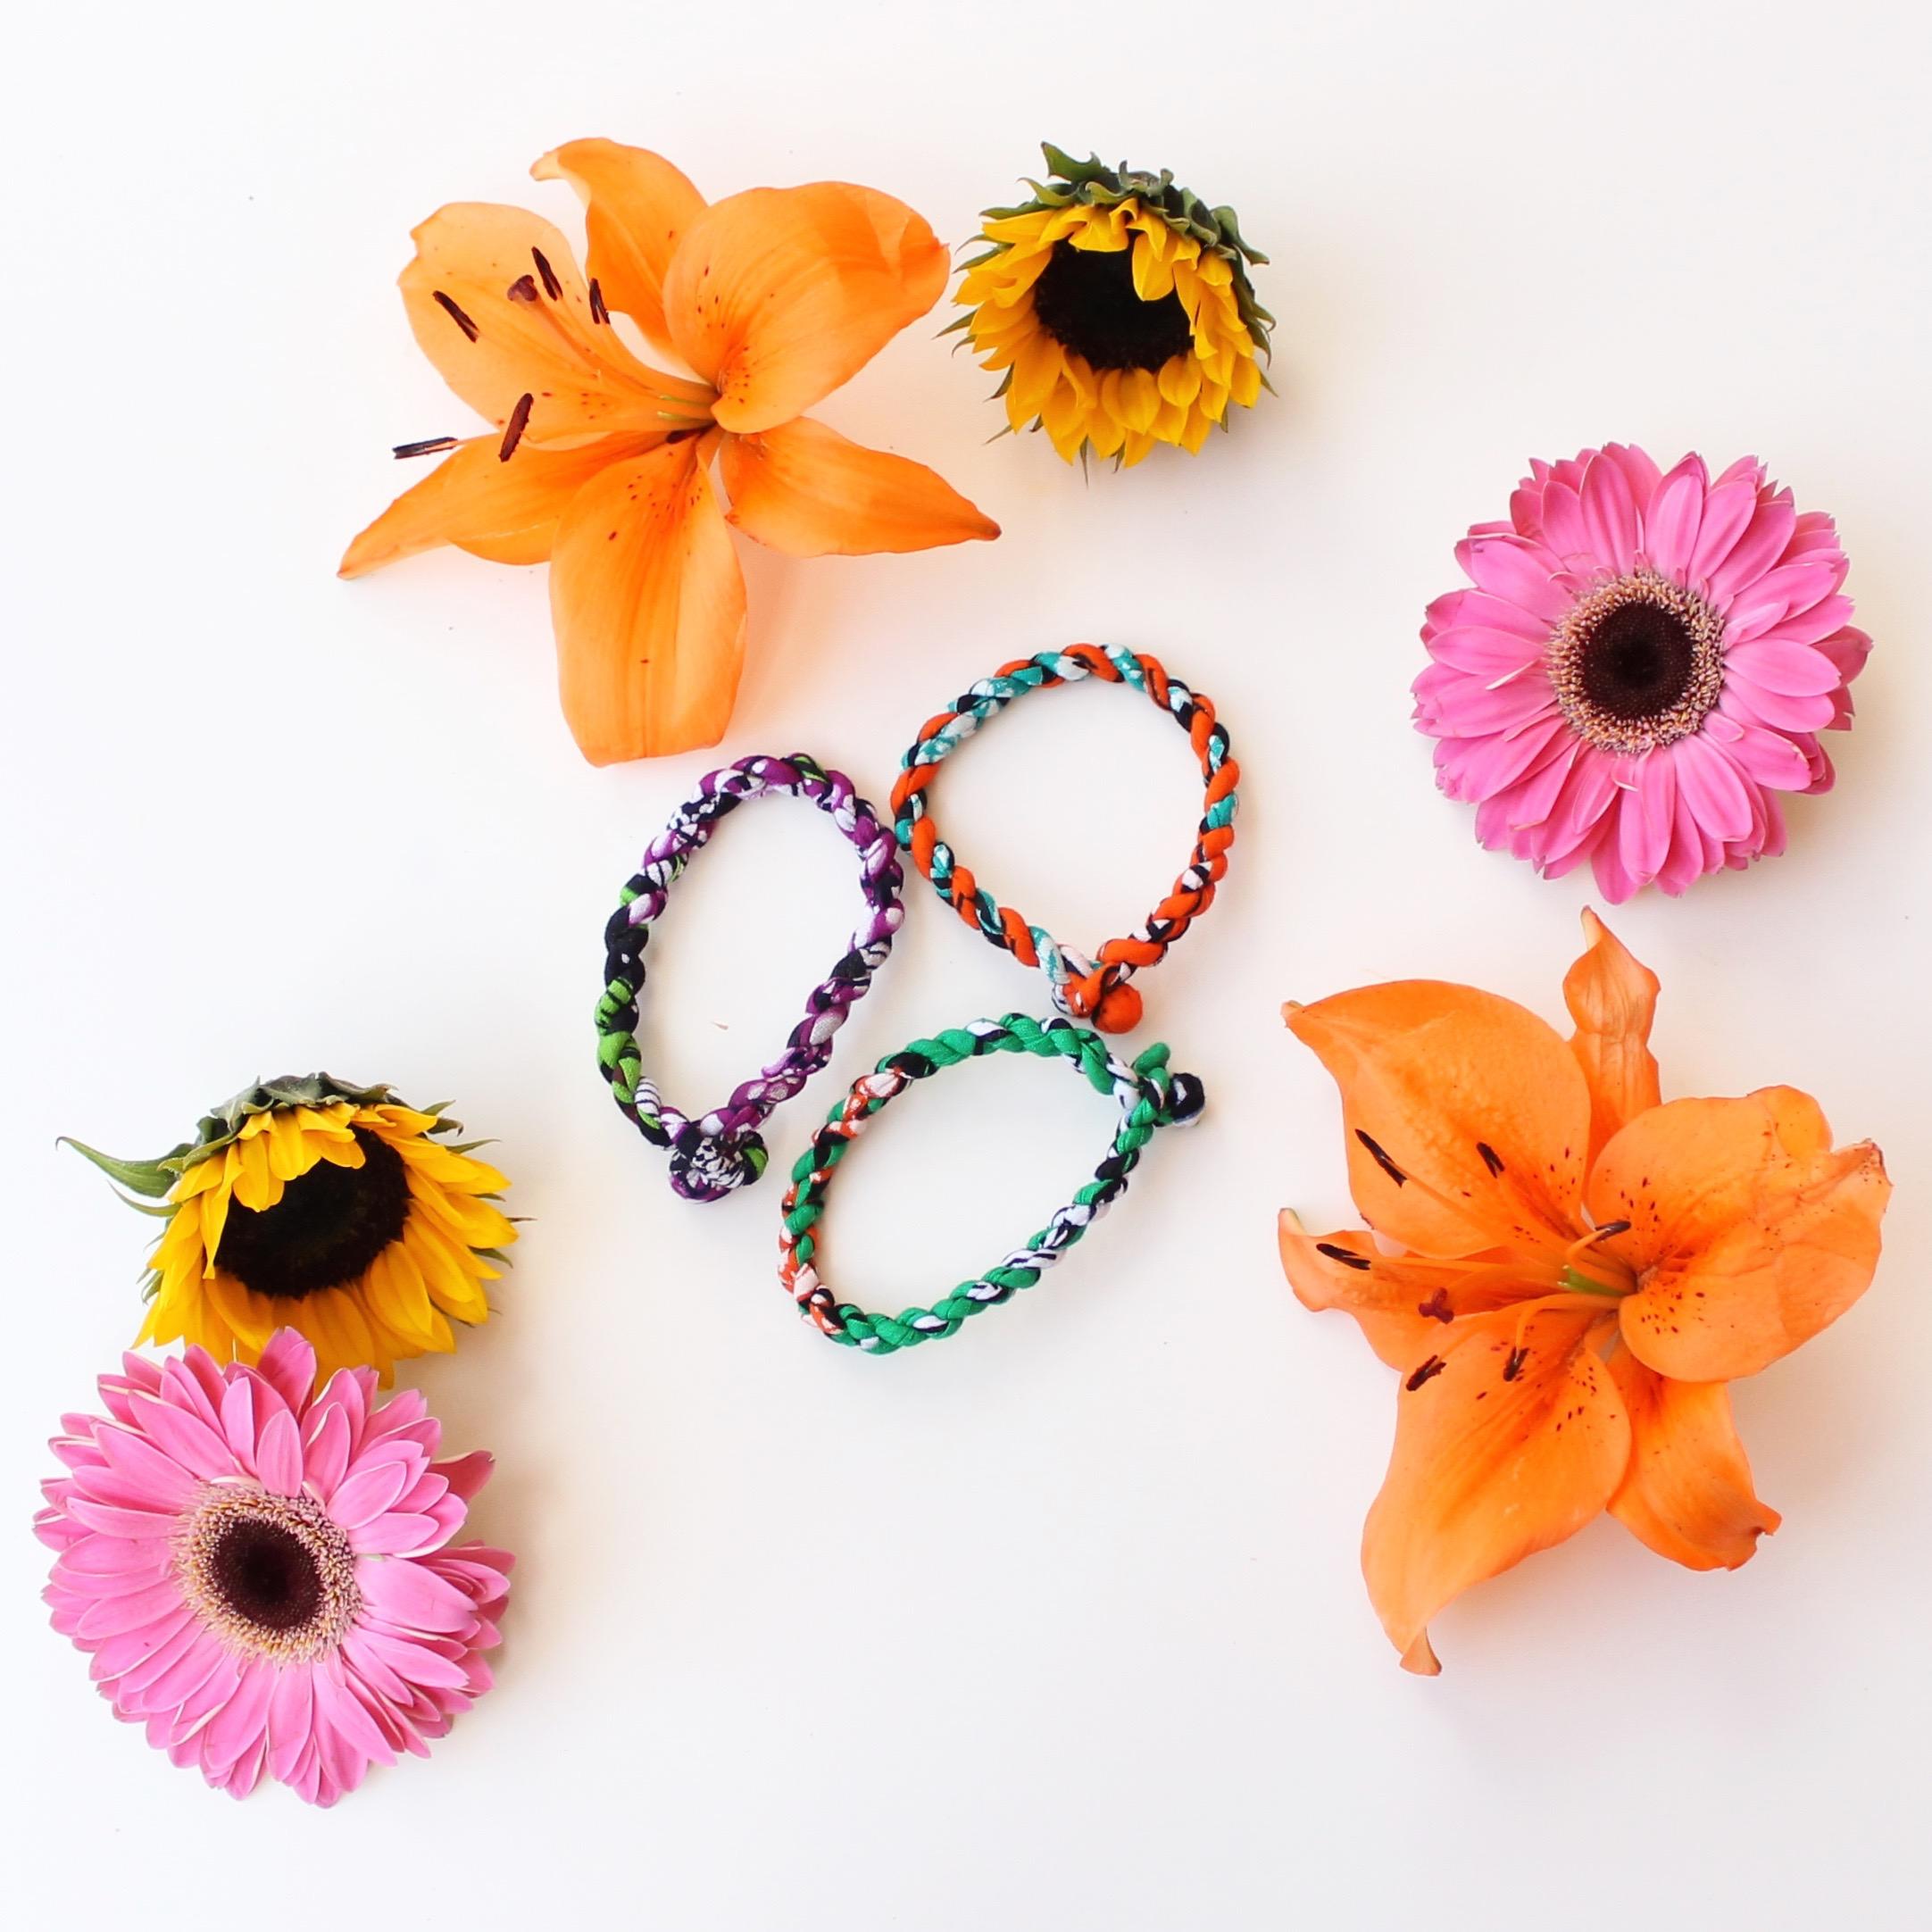 Village Twist Bracelets